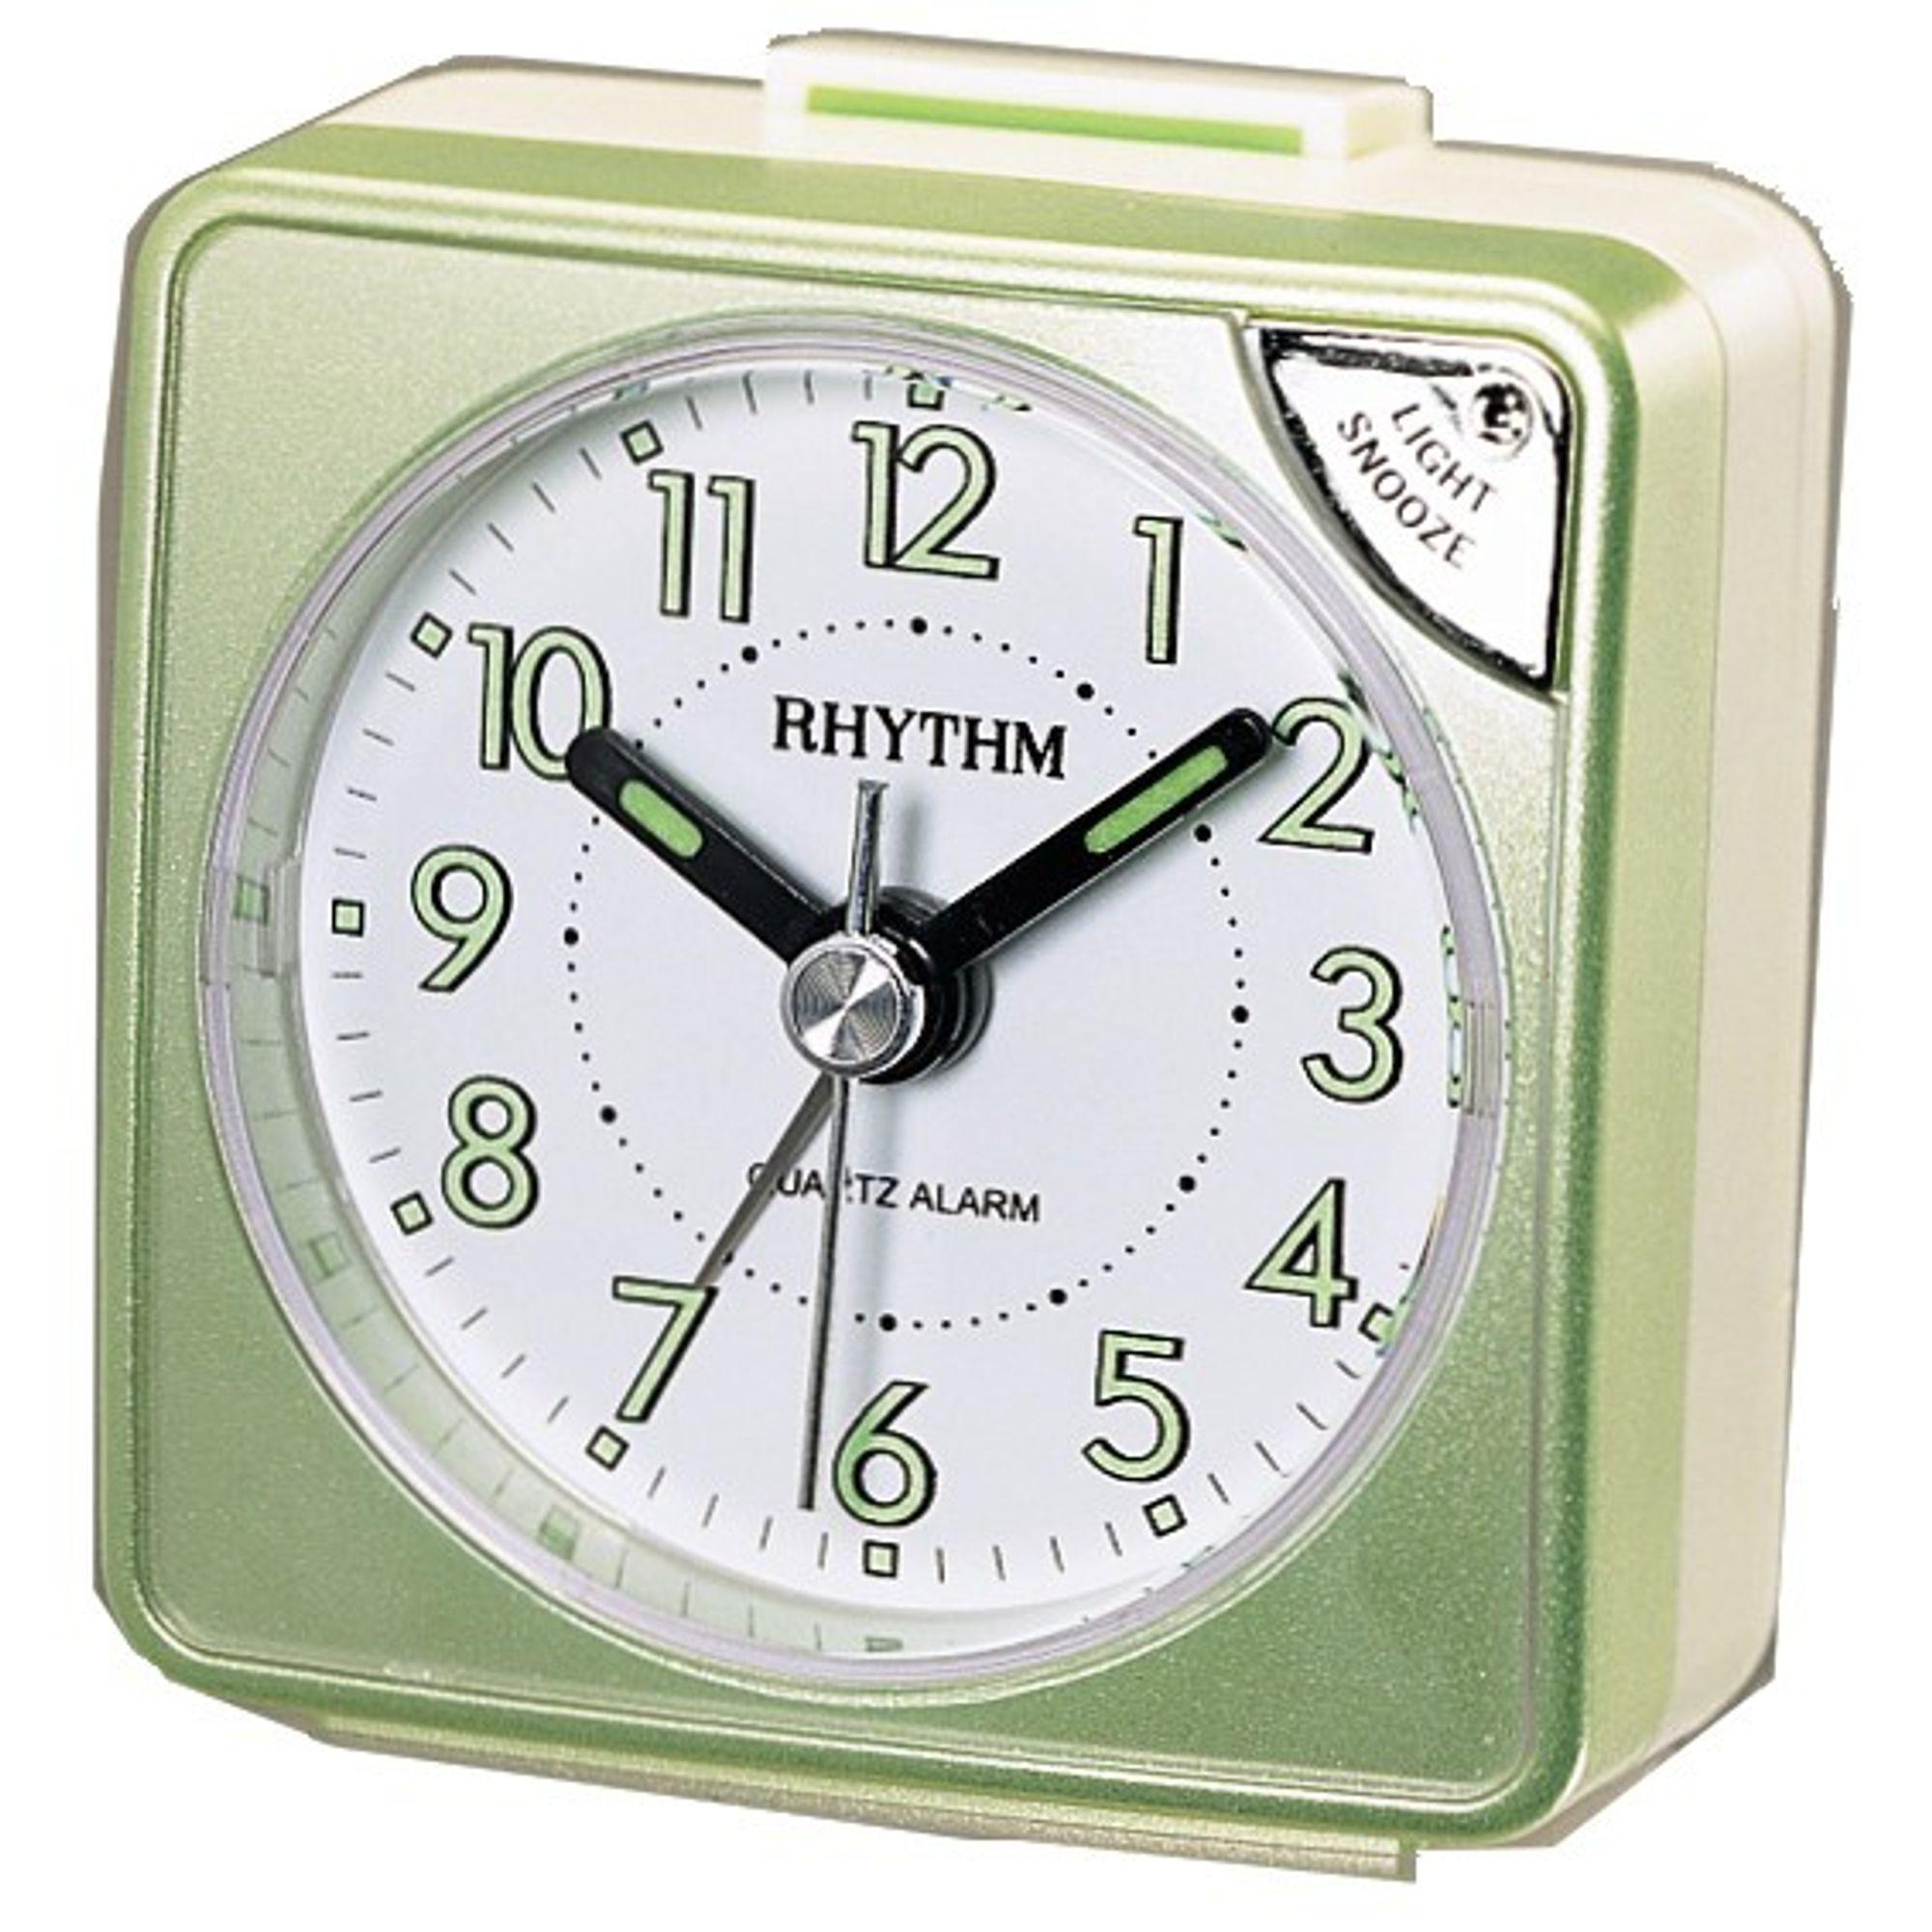 rhythm cre211nr05 wecker alarm wei gr n marken bersicht. Black Bedroom Furniture Sets. Home Design Ideas